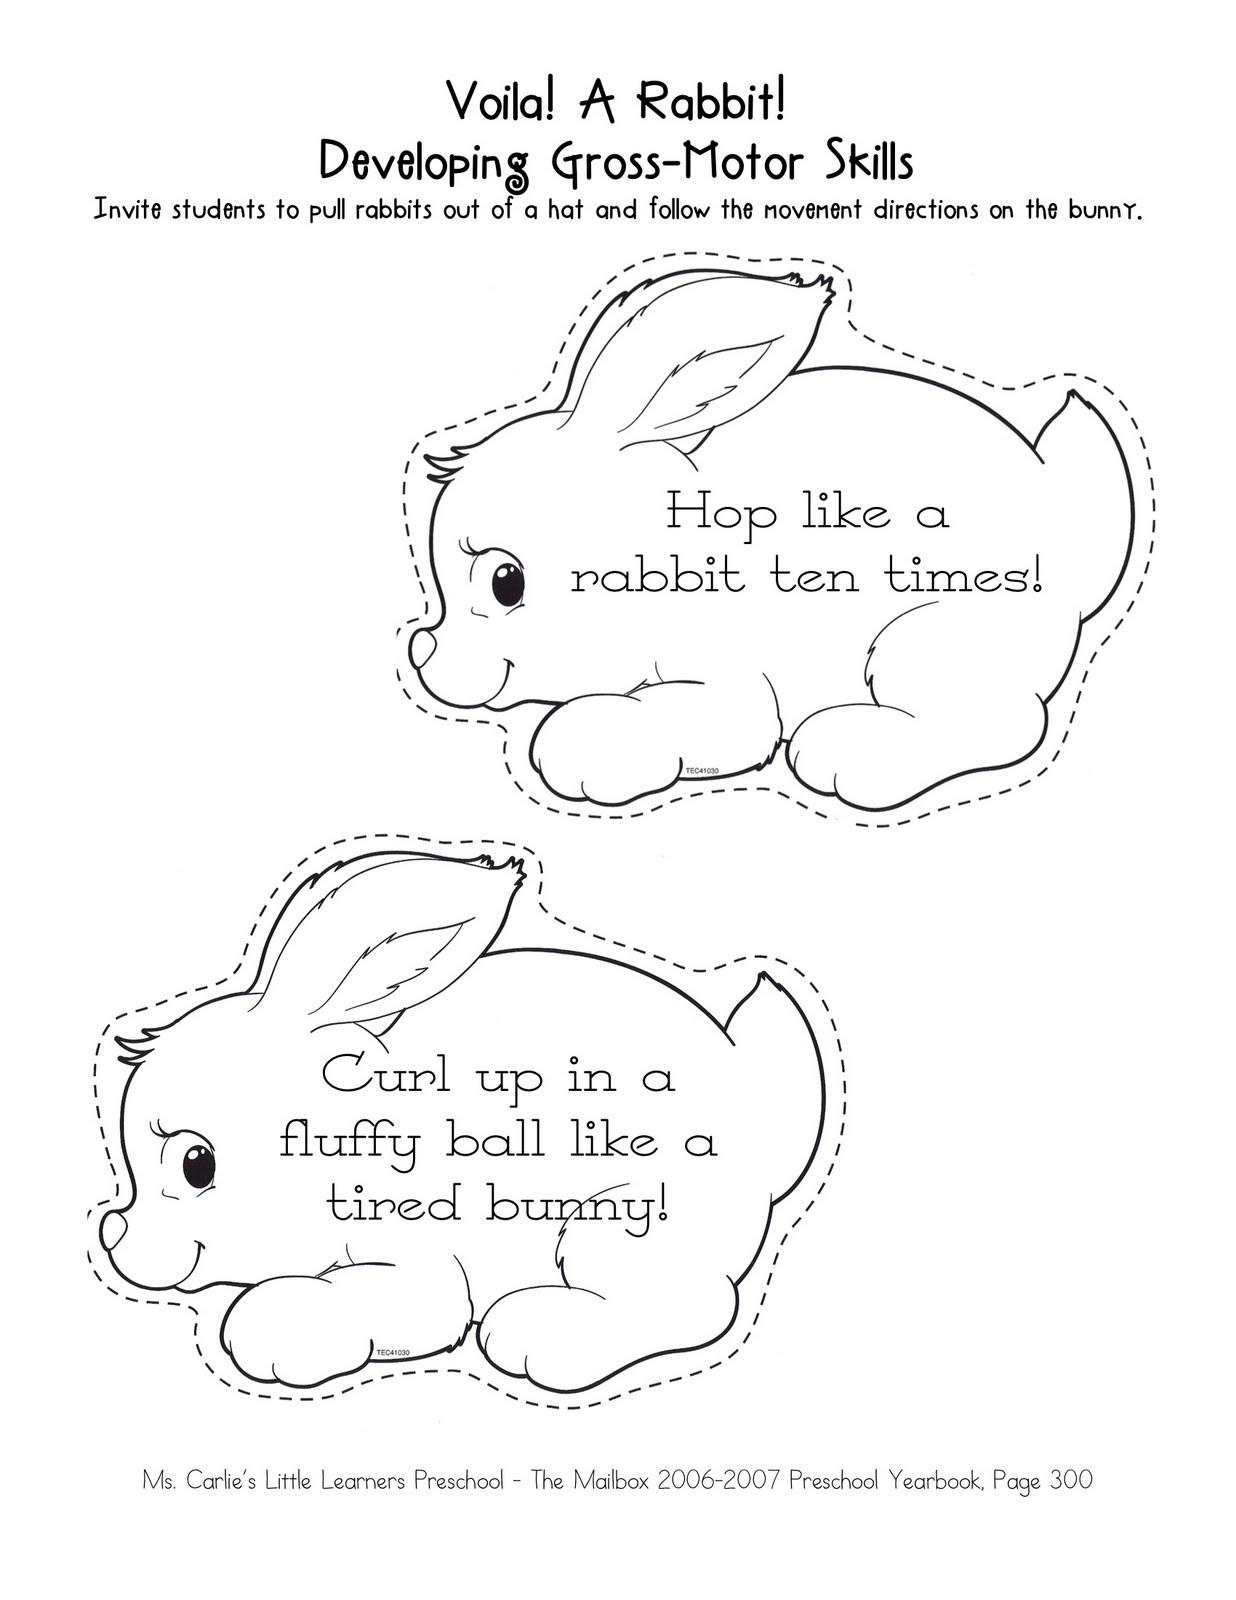 Ms. Carlie's Little Learners Preschool: {april: week two}